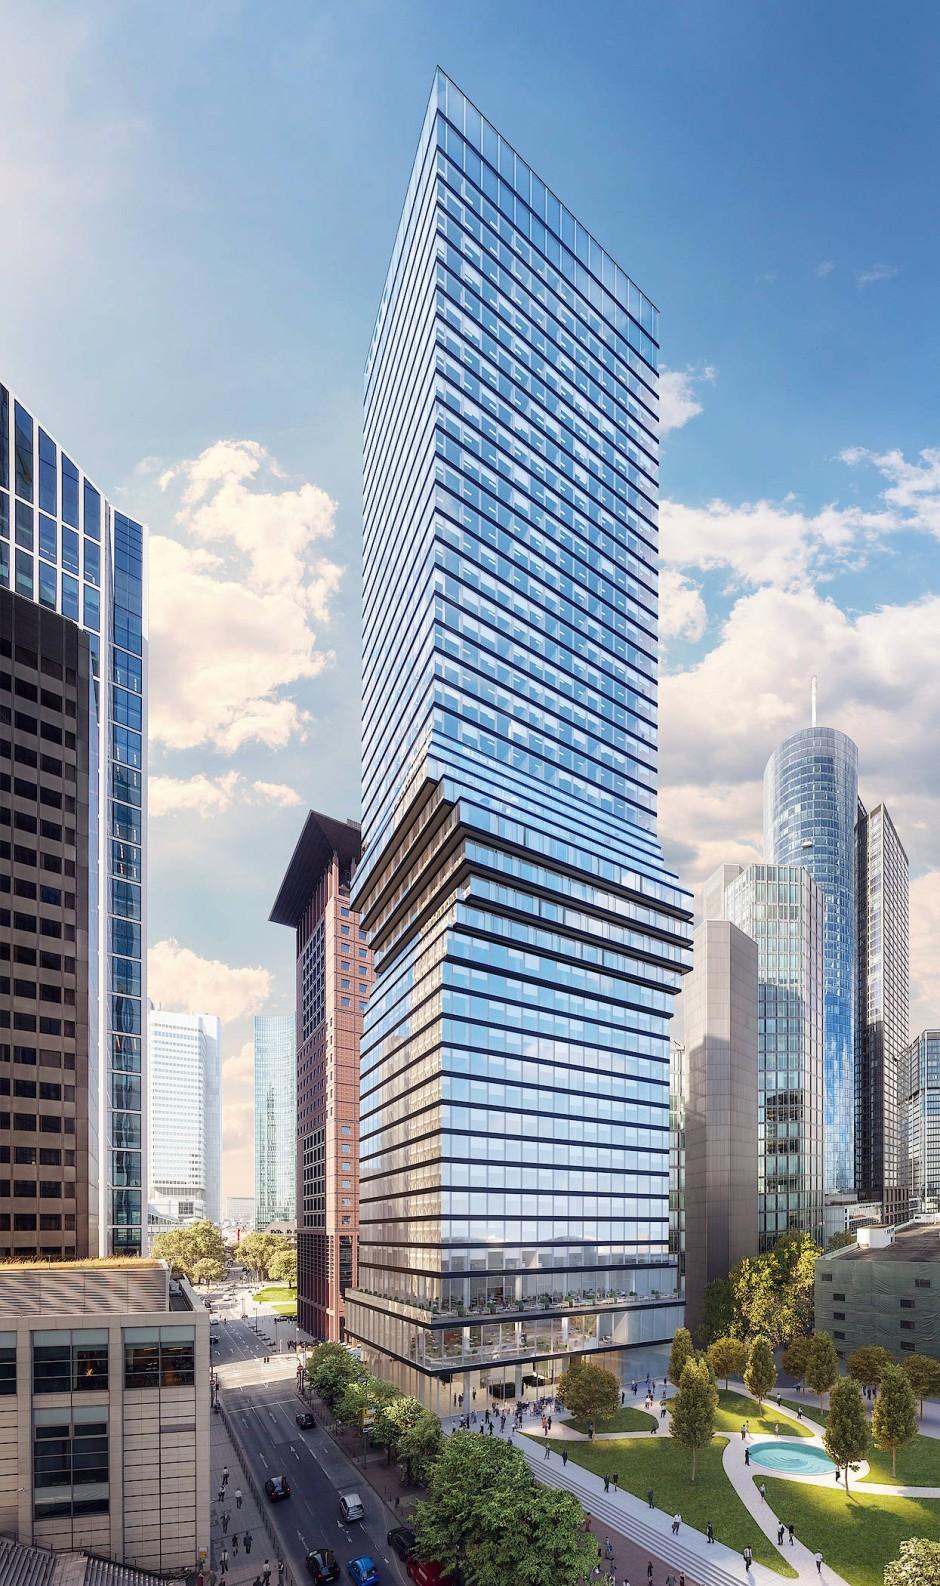 Der Omniturm im Bankenviertel soll Arbeiten, Wohnen und Leben in einem Hochhaus verbinden.